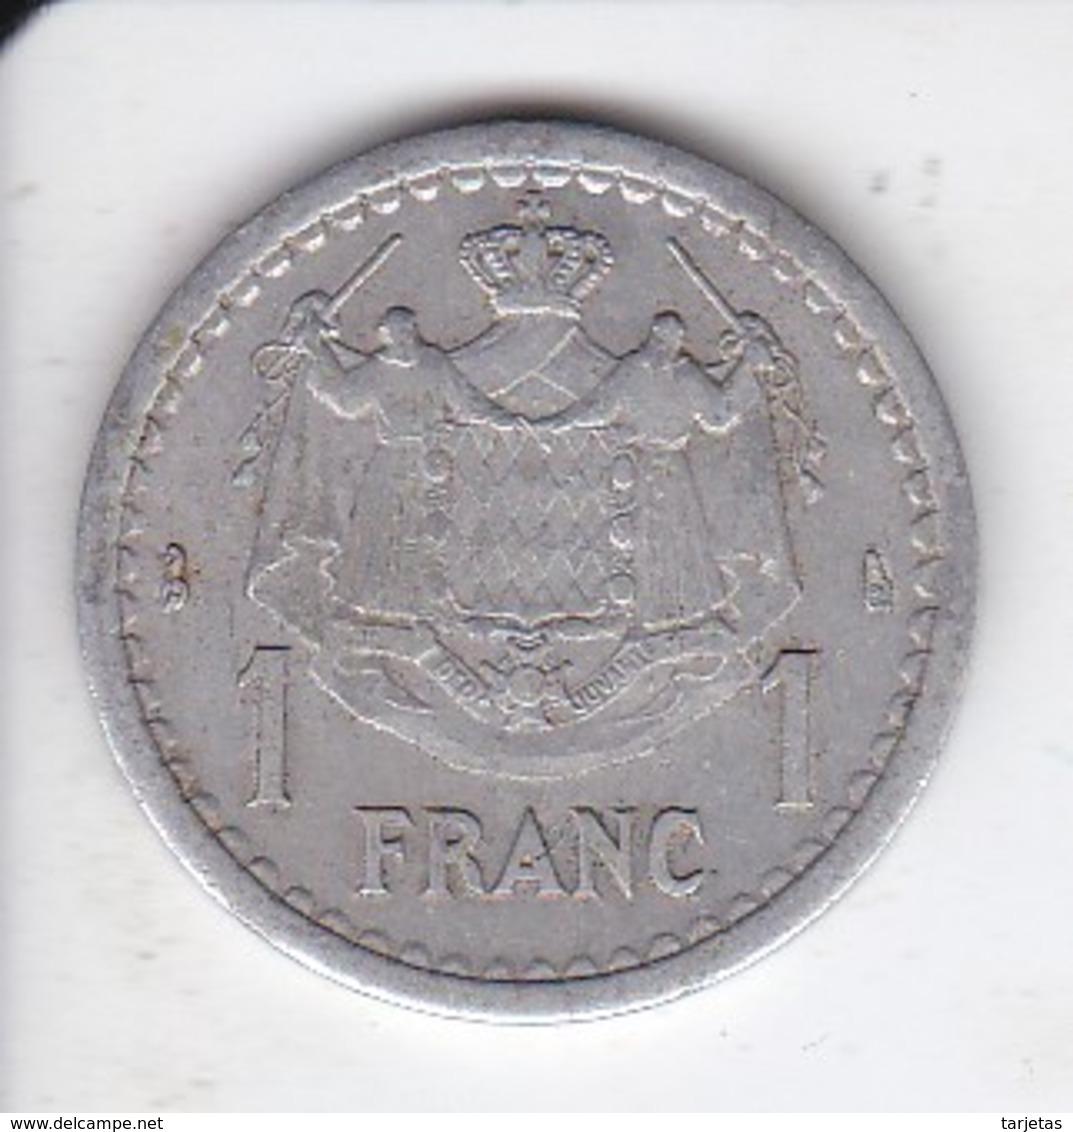 MONEDA DE MONACO DE 1 FRANC DEL AÑO 1944 (COIN) LOUIS II - 1922-1949 Louis II